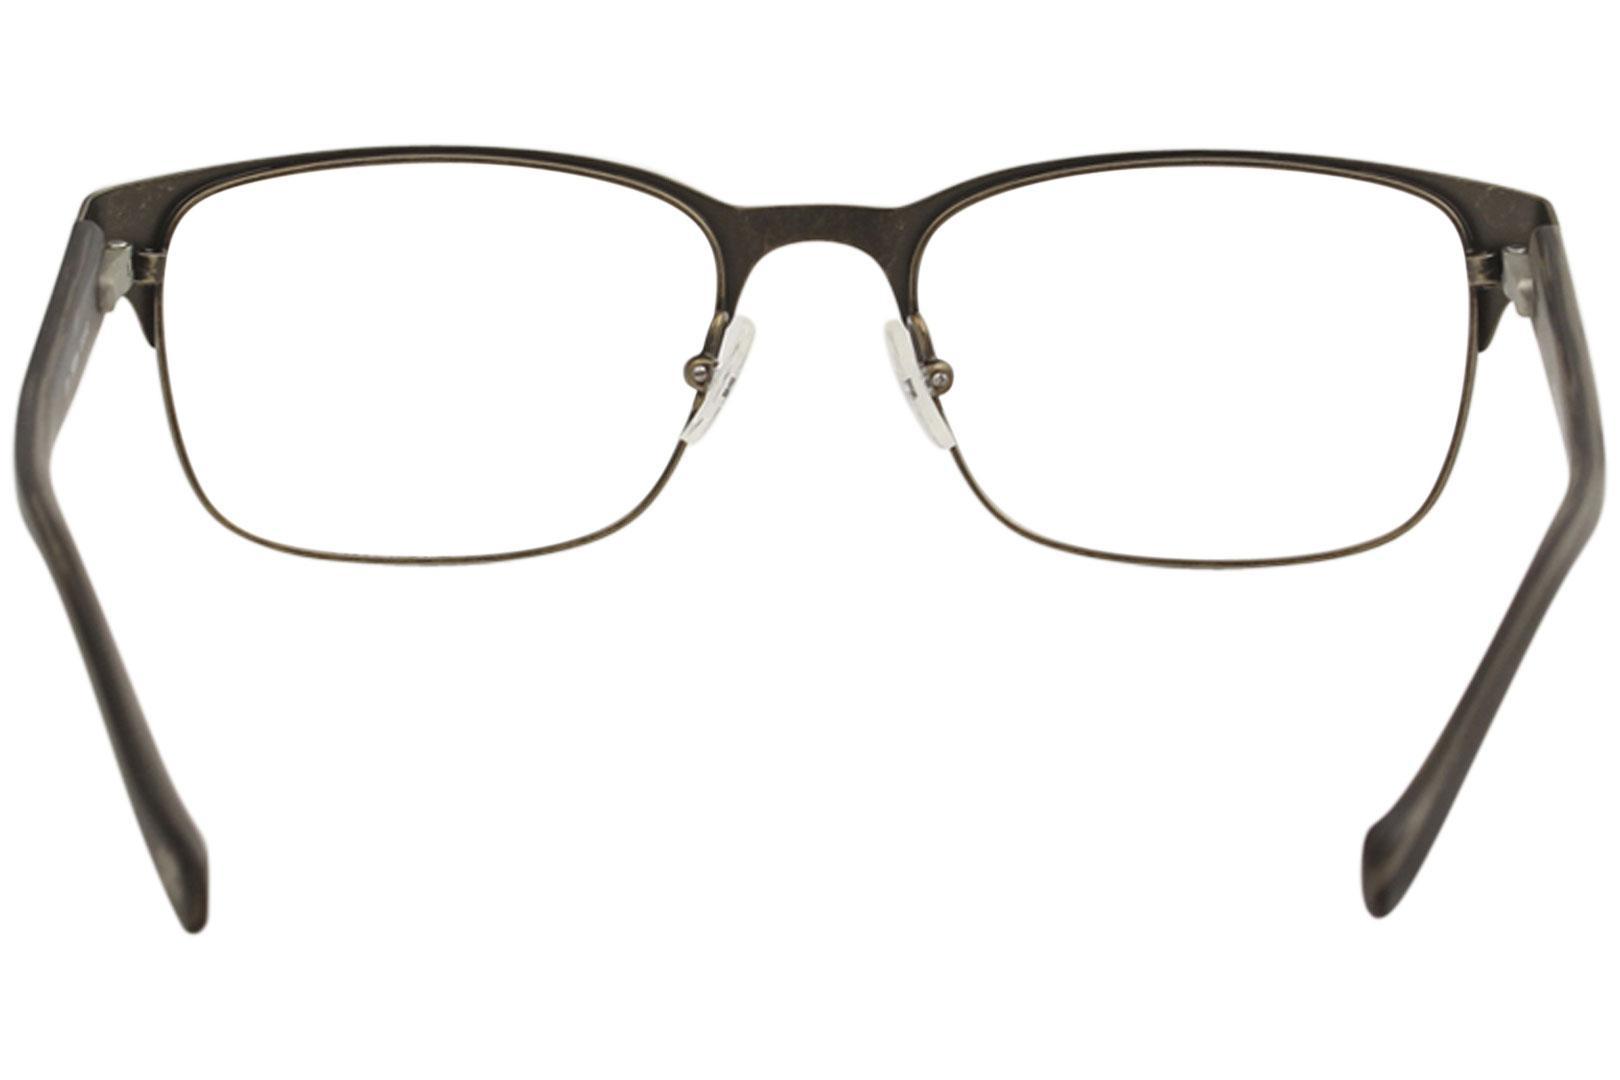 63ae41dddc0 Lucky Brand Men s Eyeglasses D301 D 301 Full Rim Optical Frame